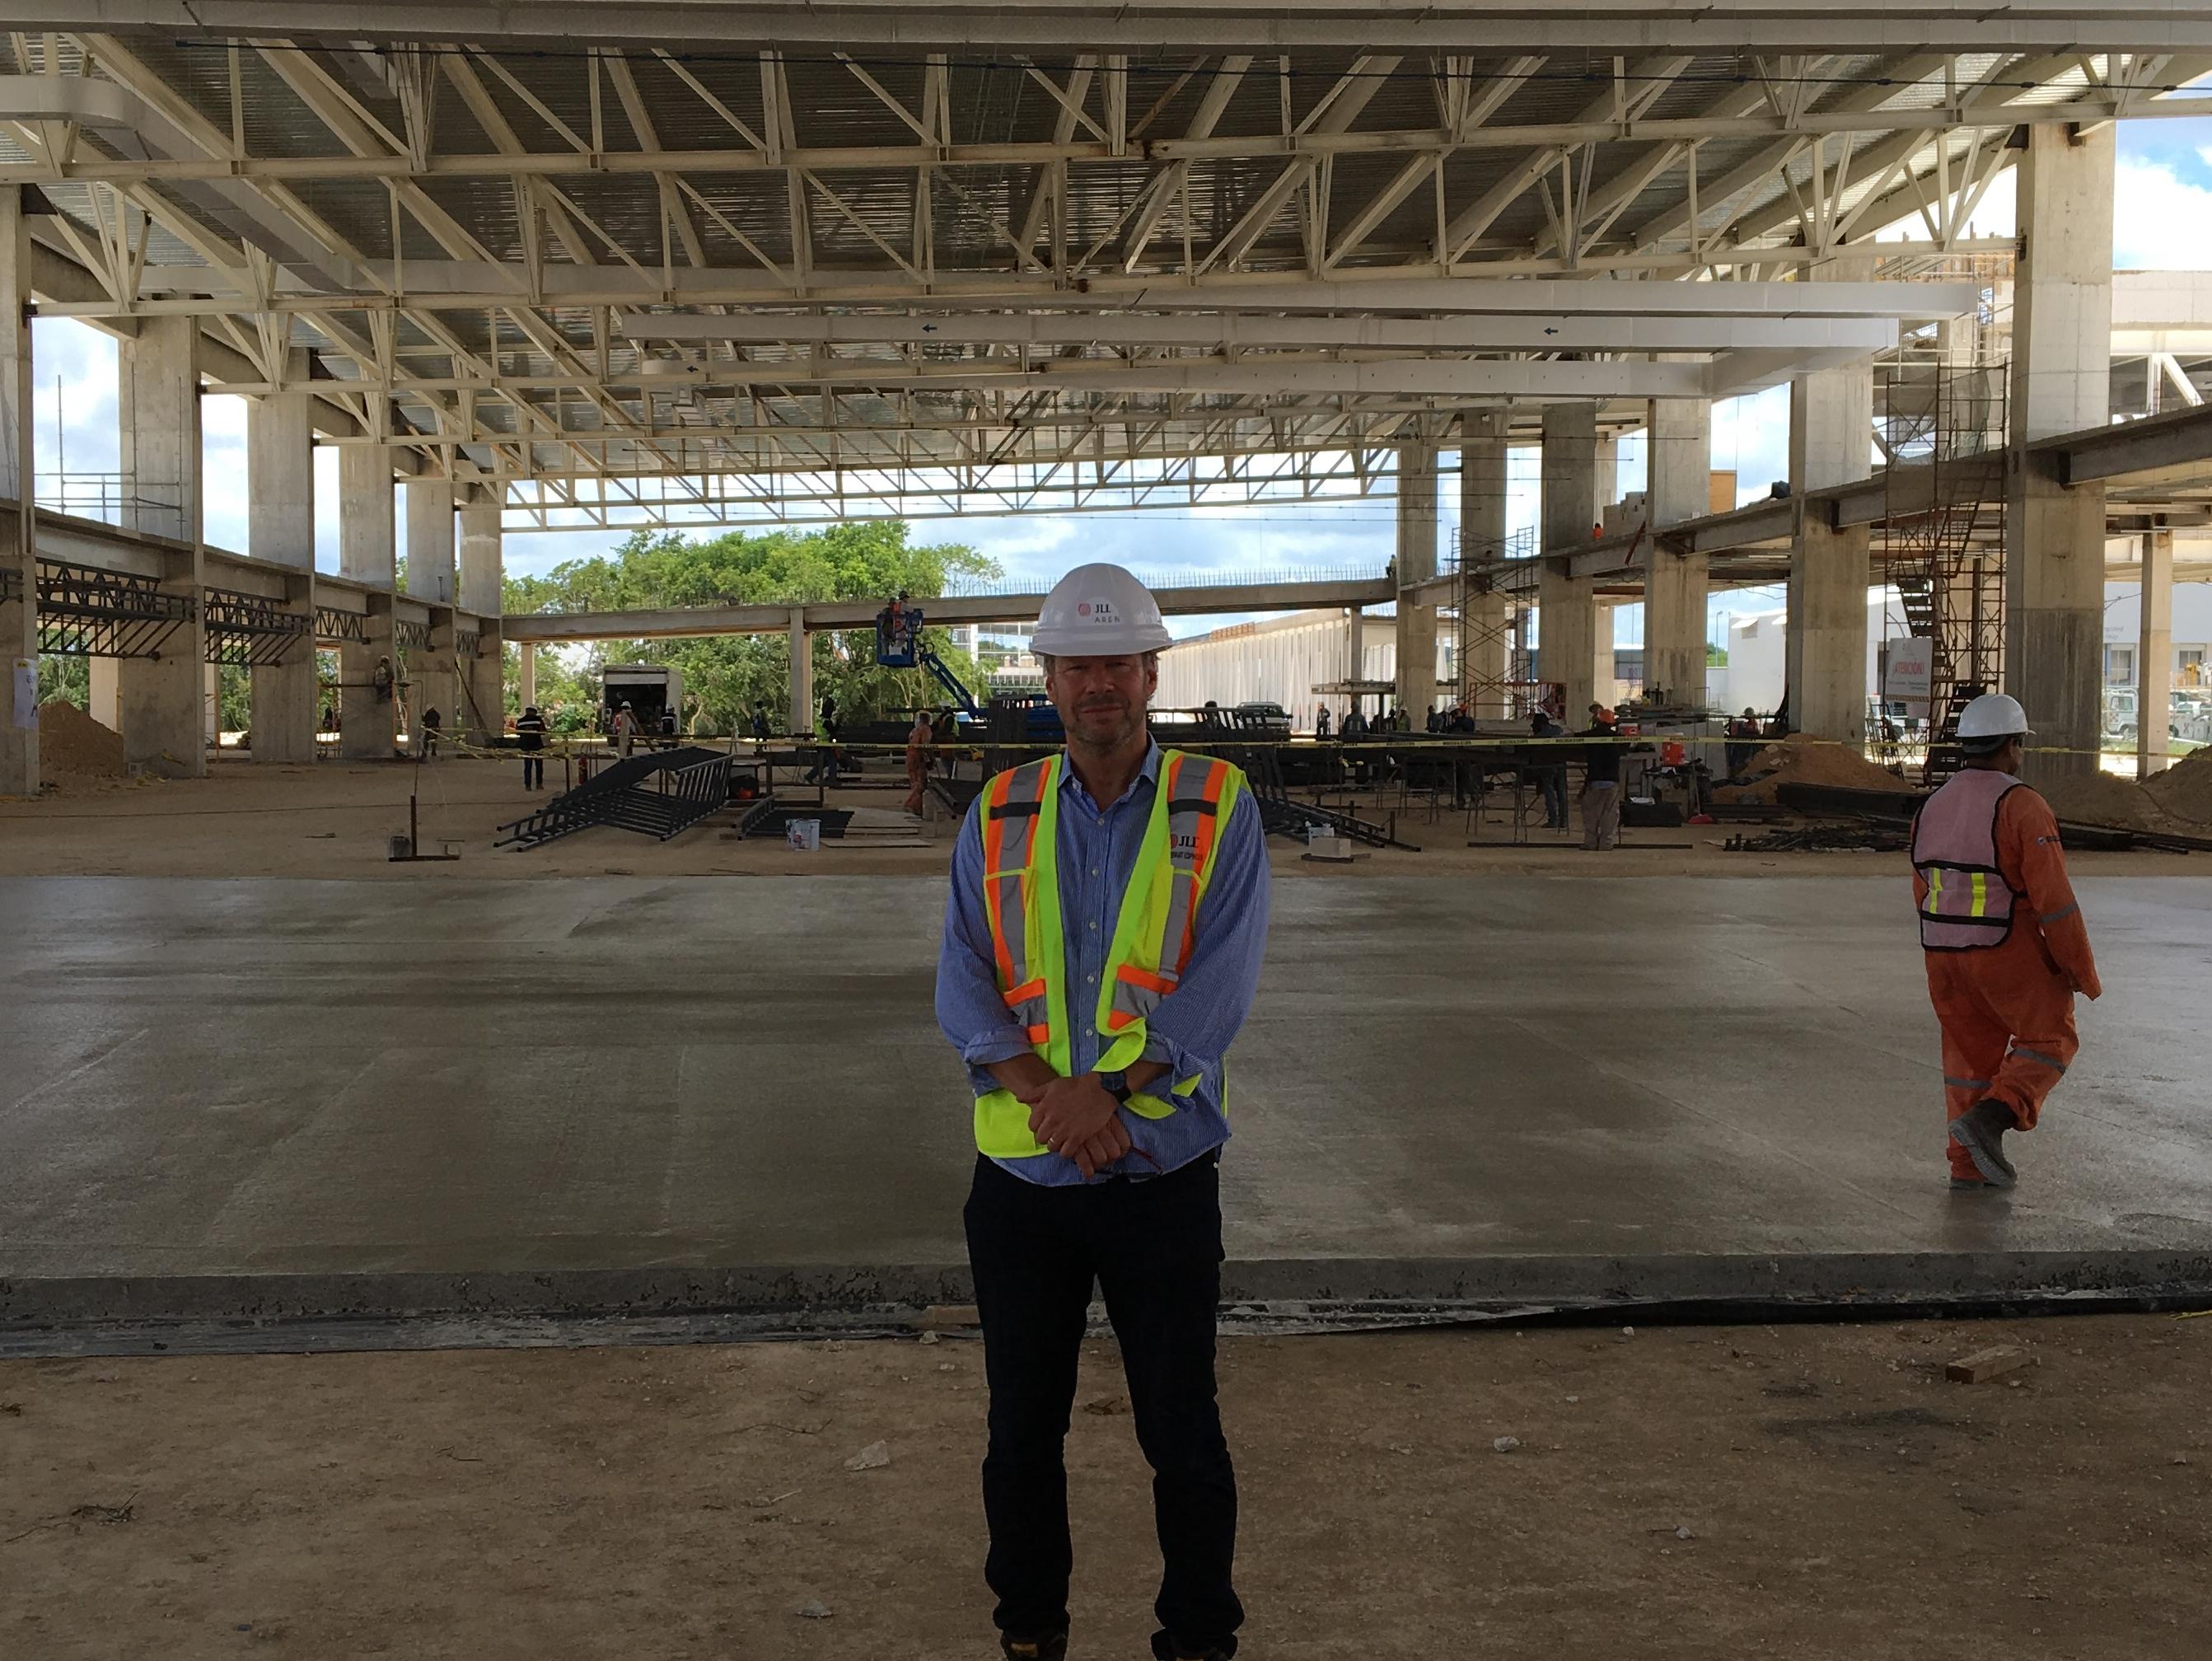 Copenhagen Airport International, CAI, har knap ti medarbejdere, hvoraf flere rejser rundt i verden for at yde konsulentbistand til andre lufthavne. Her er Michael Johansson fra CAI i 2016 i en ny lufthavnsterminal under konstruktion i mexicanske Cancun. Privatfoto.